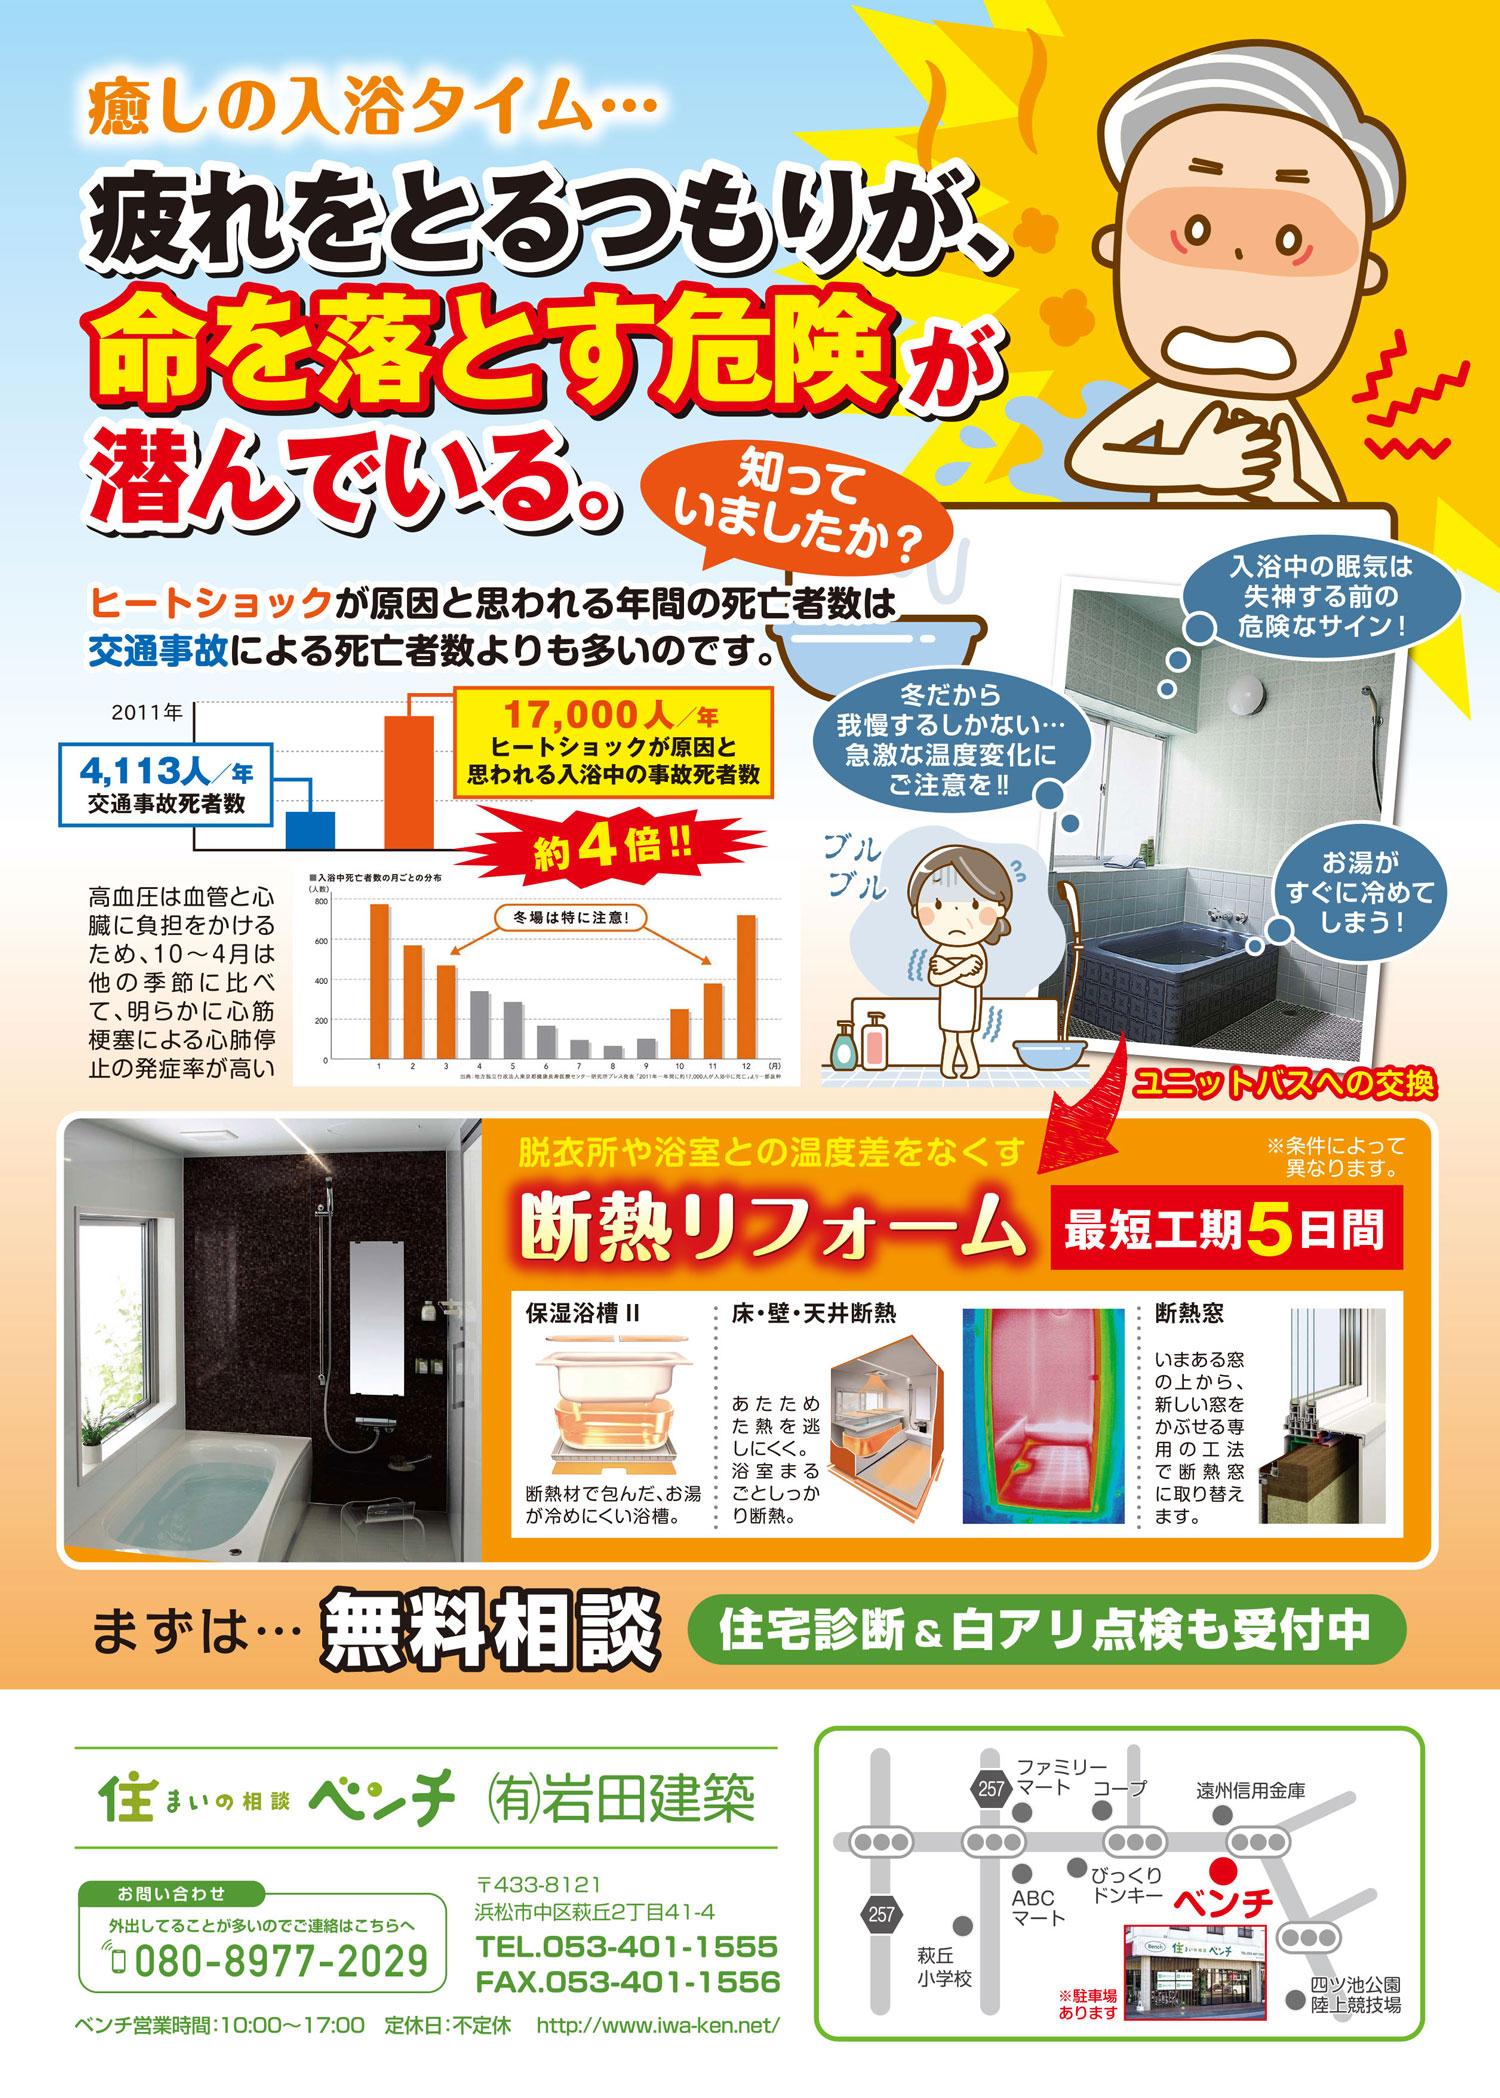 健康を守るための、浴室断熱リフォーム相談会開催!